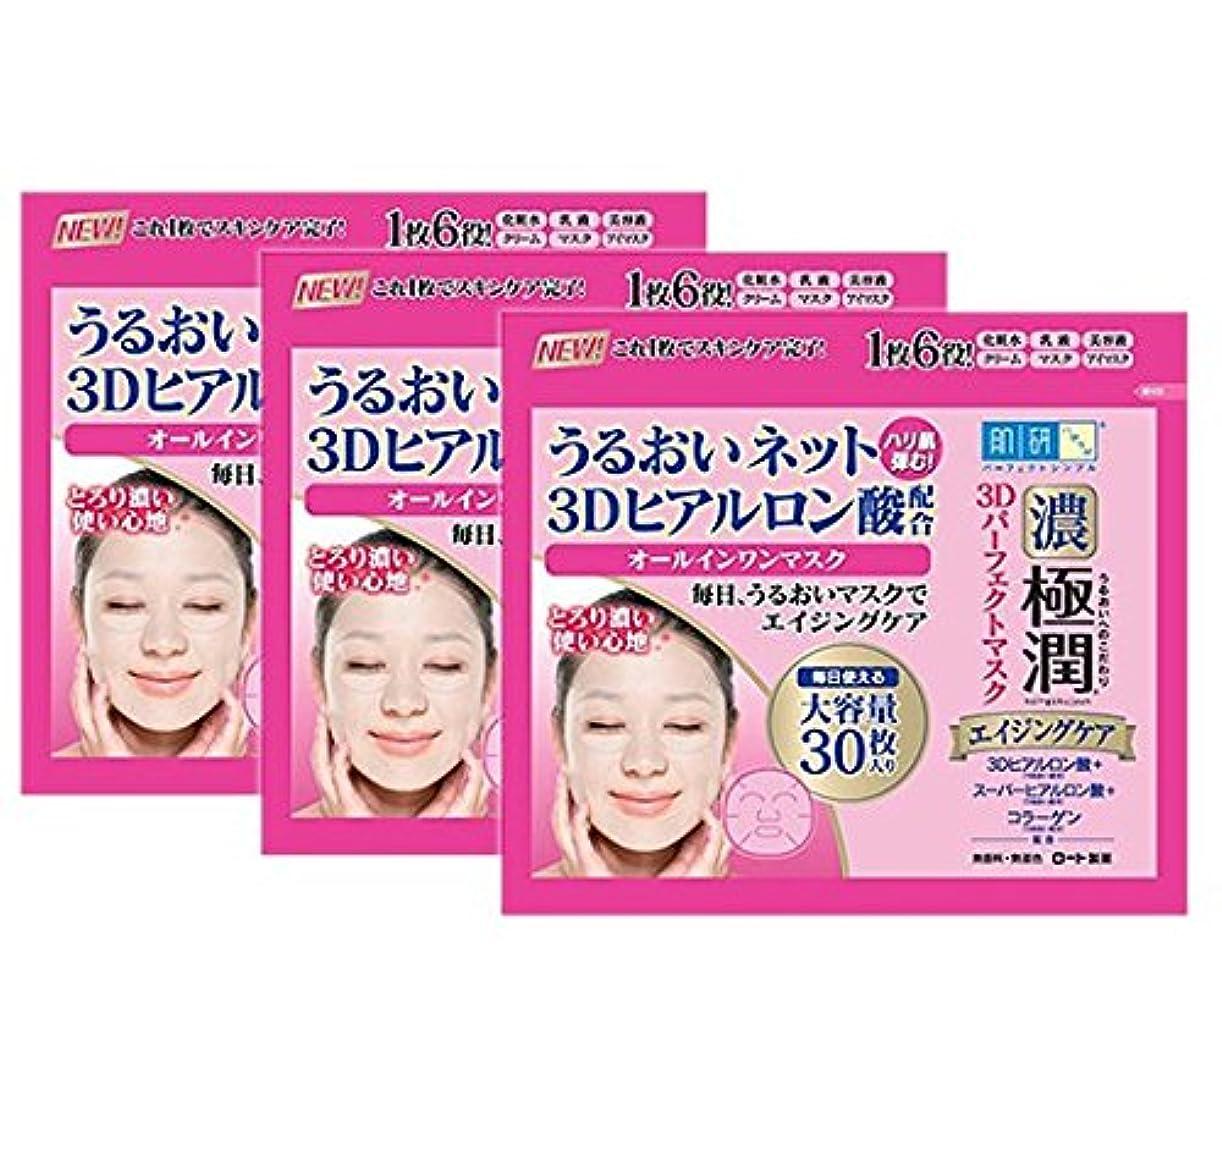 フルーツ寛大な不適当【3個セット】肌研(ハダラボ) 極潤 3Dパーフェクトマスク 30枚入